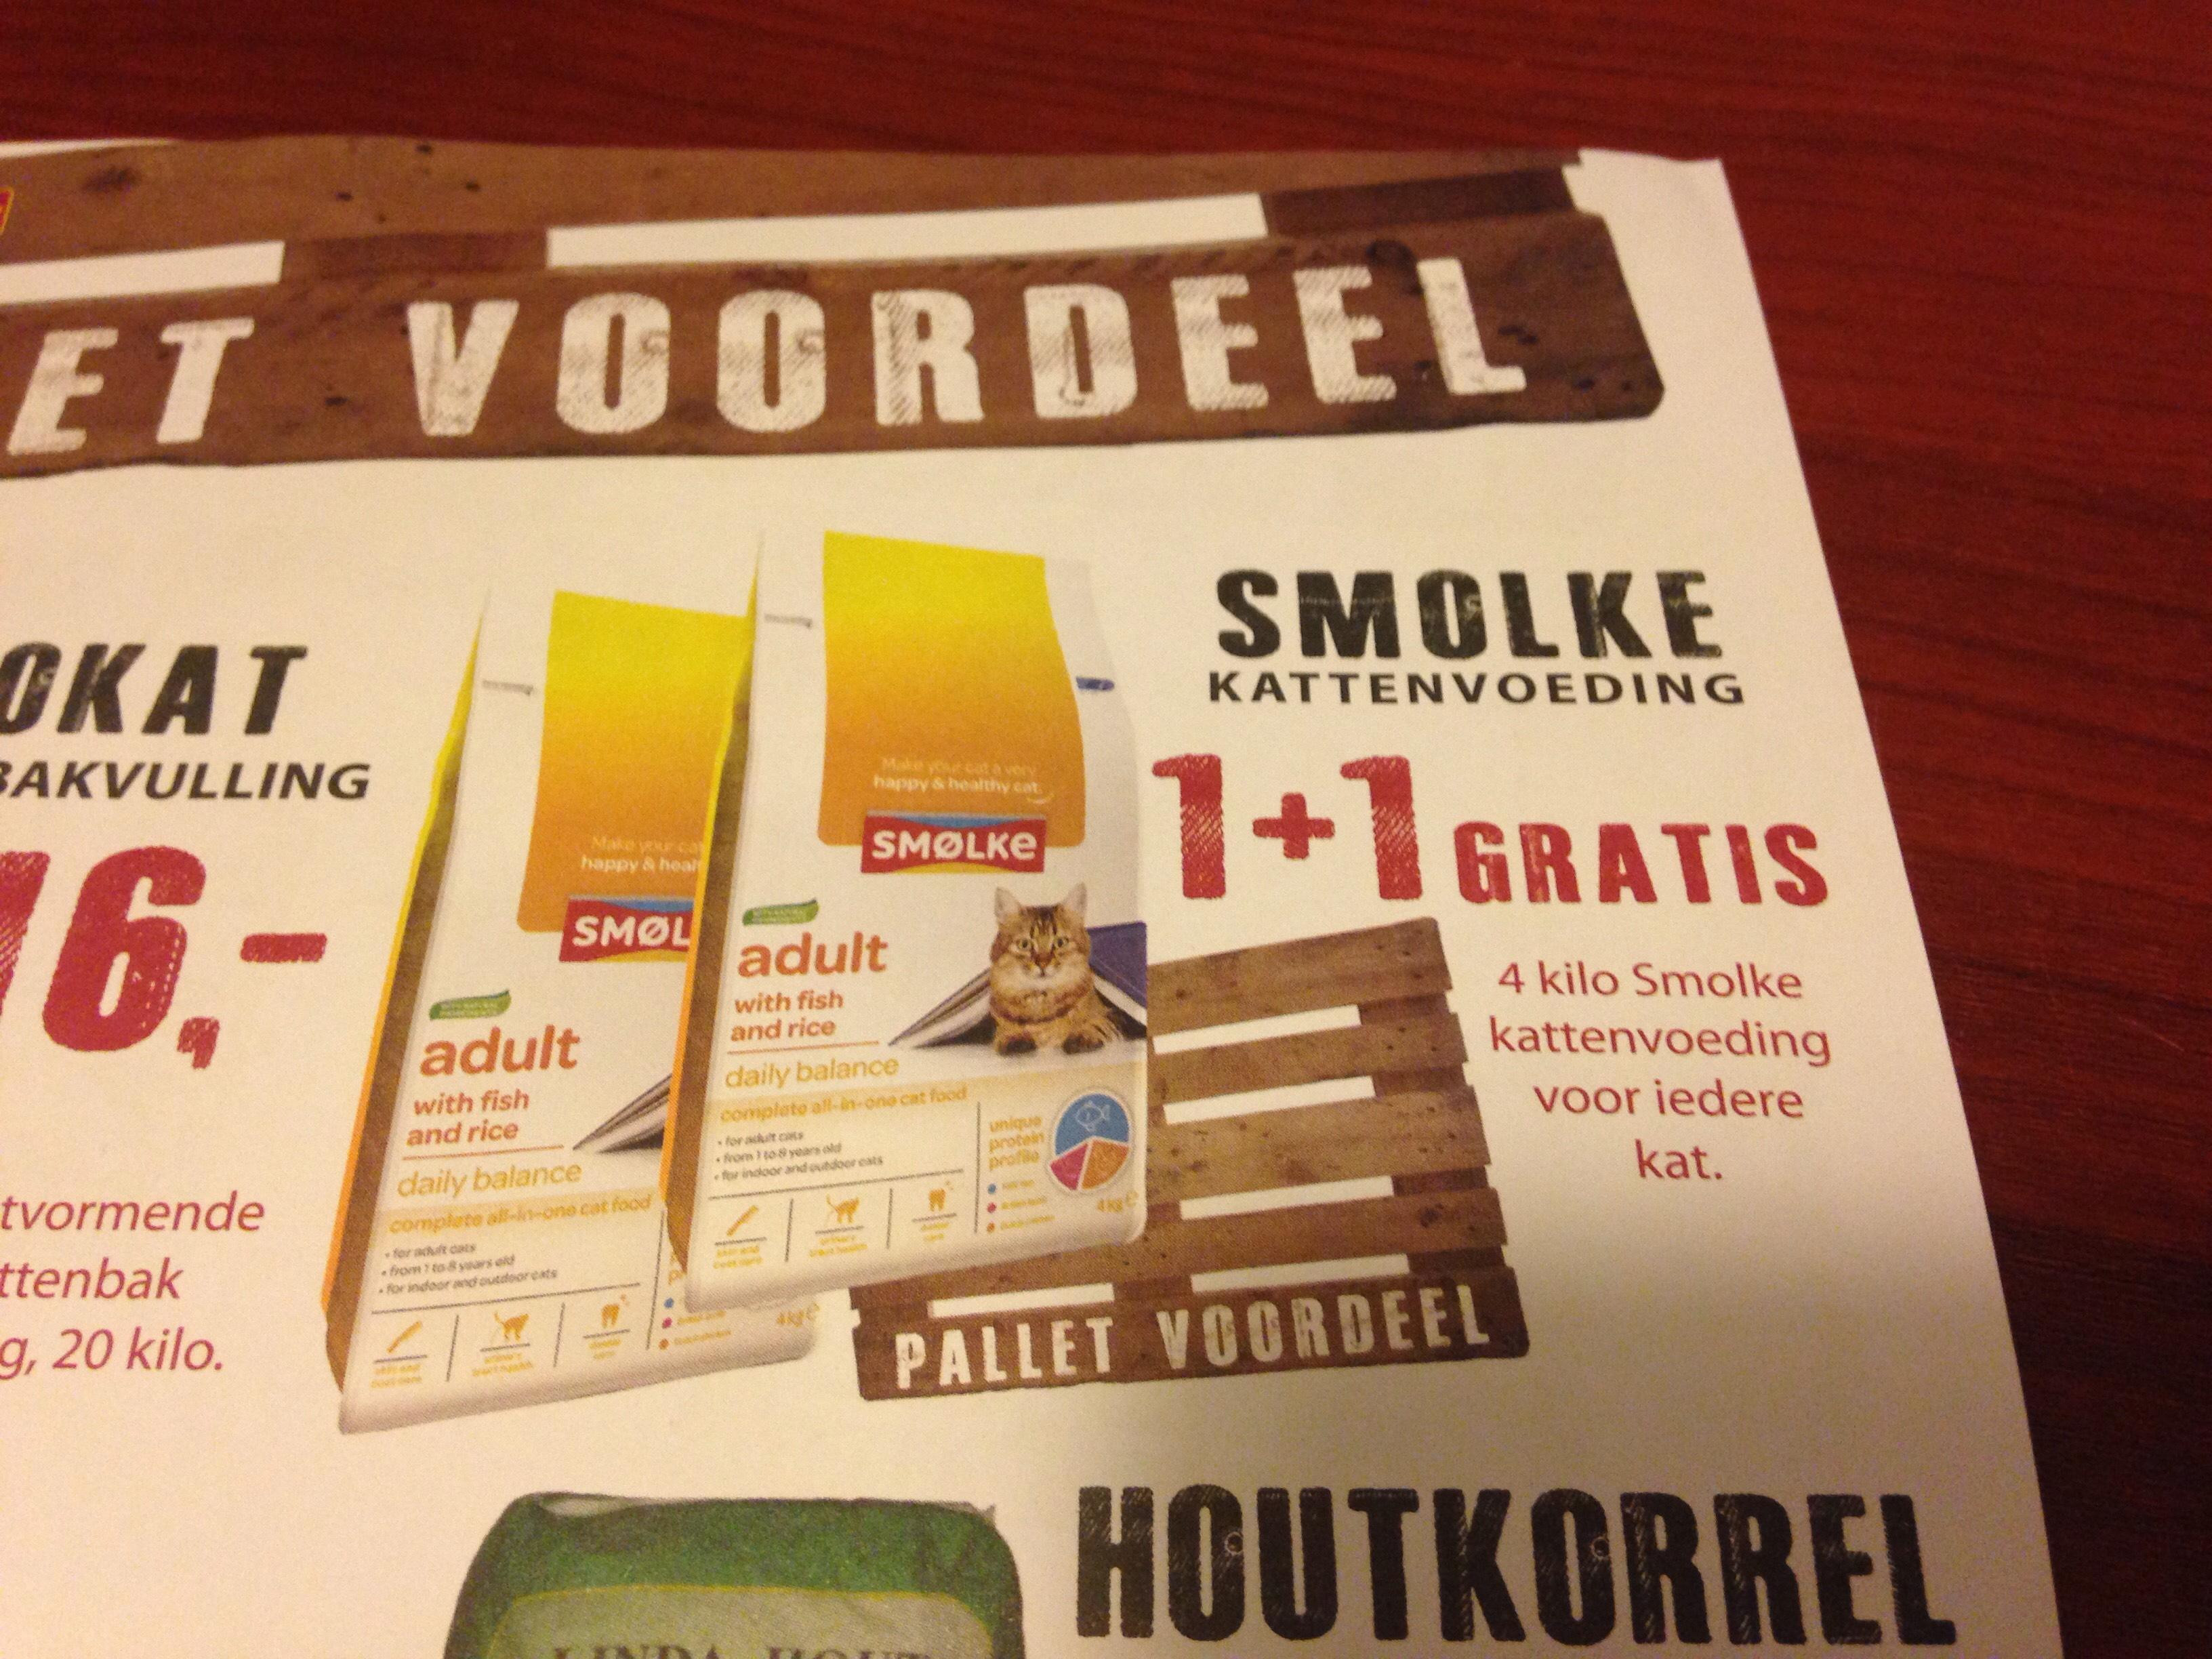 [ Lookaal? sowieso in Sneek] Smolke kattenvoer 4 KG zakken 1 + 1 gratis  aanbieding t/m 15 december zie ook de rest van de aanbiedingen.